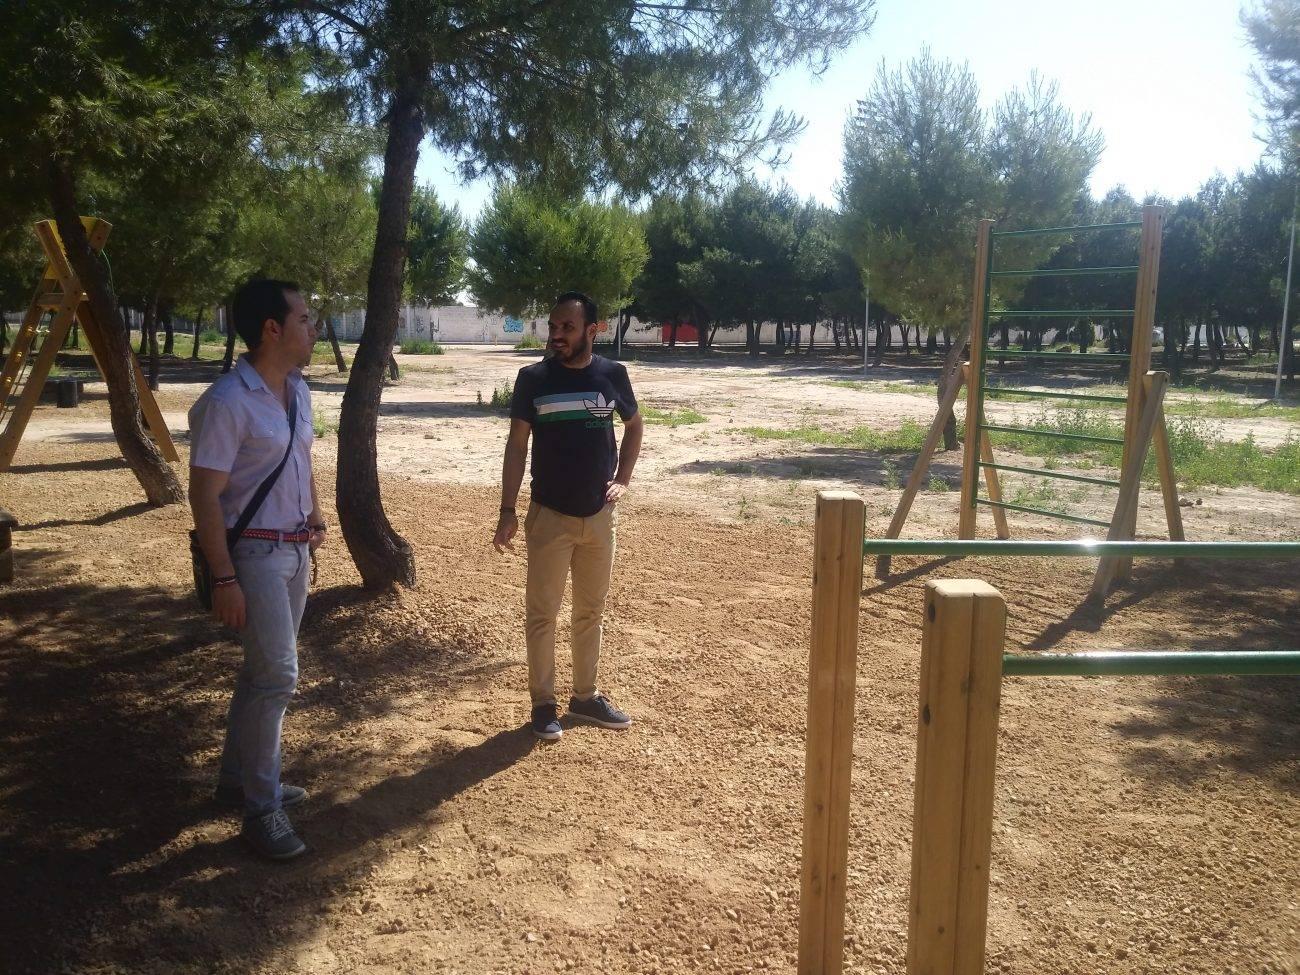 circuito de gimnasia en el parque de la serna2 - Instalado un circuito de gimnasia en el parque de la Serna